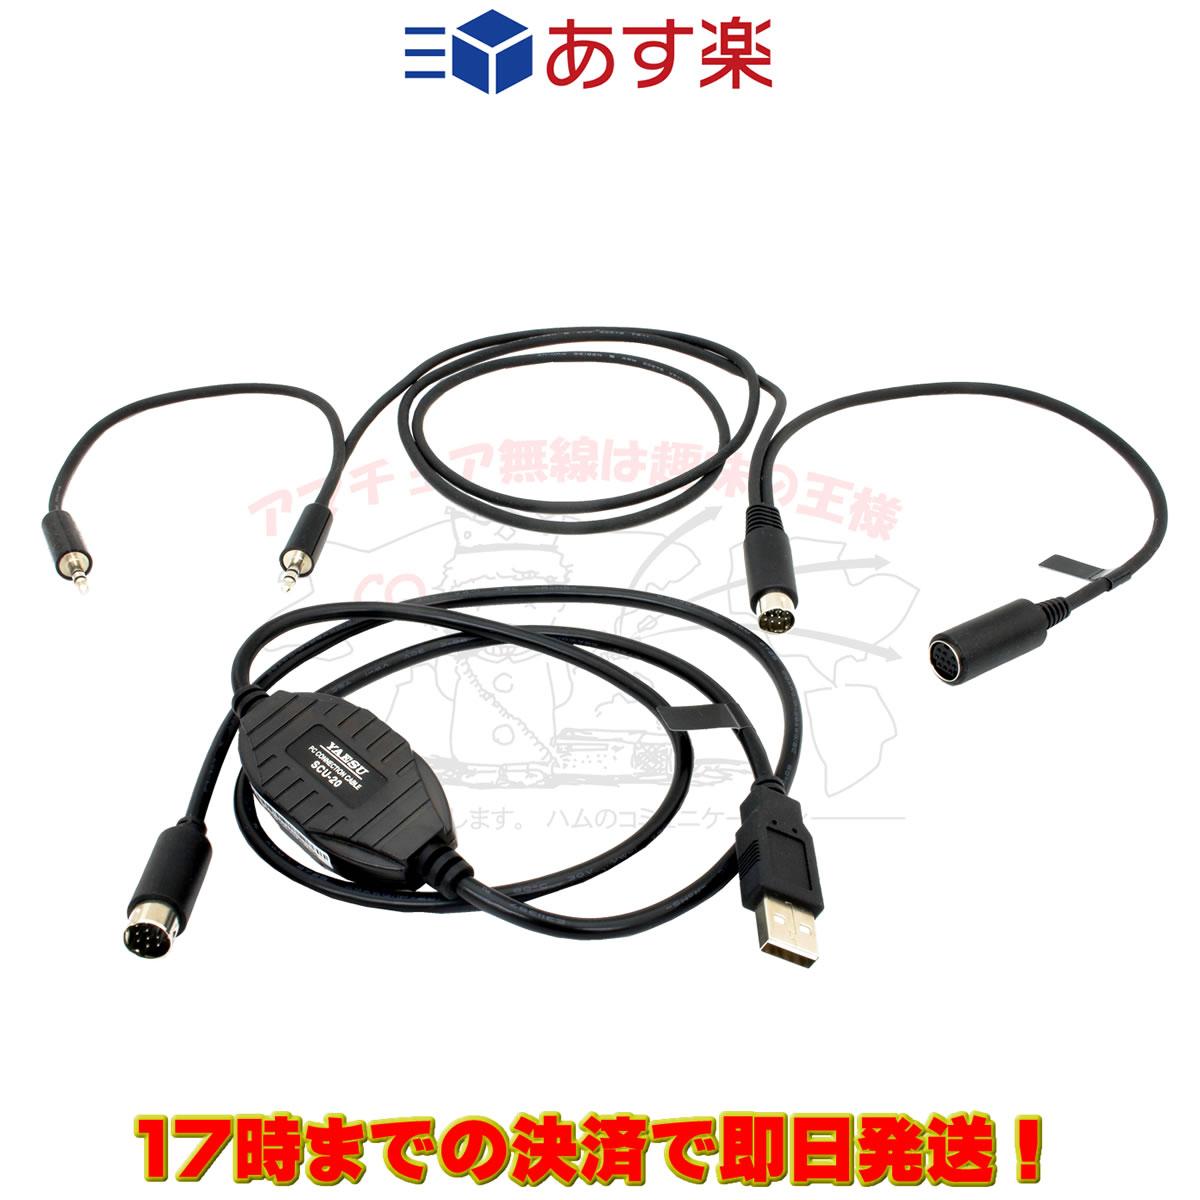 【ラッキーシール対応】 SCU-40 八重洲無線 WIRES-X コネクションケーブルキット